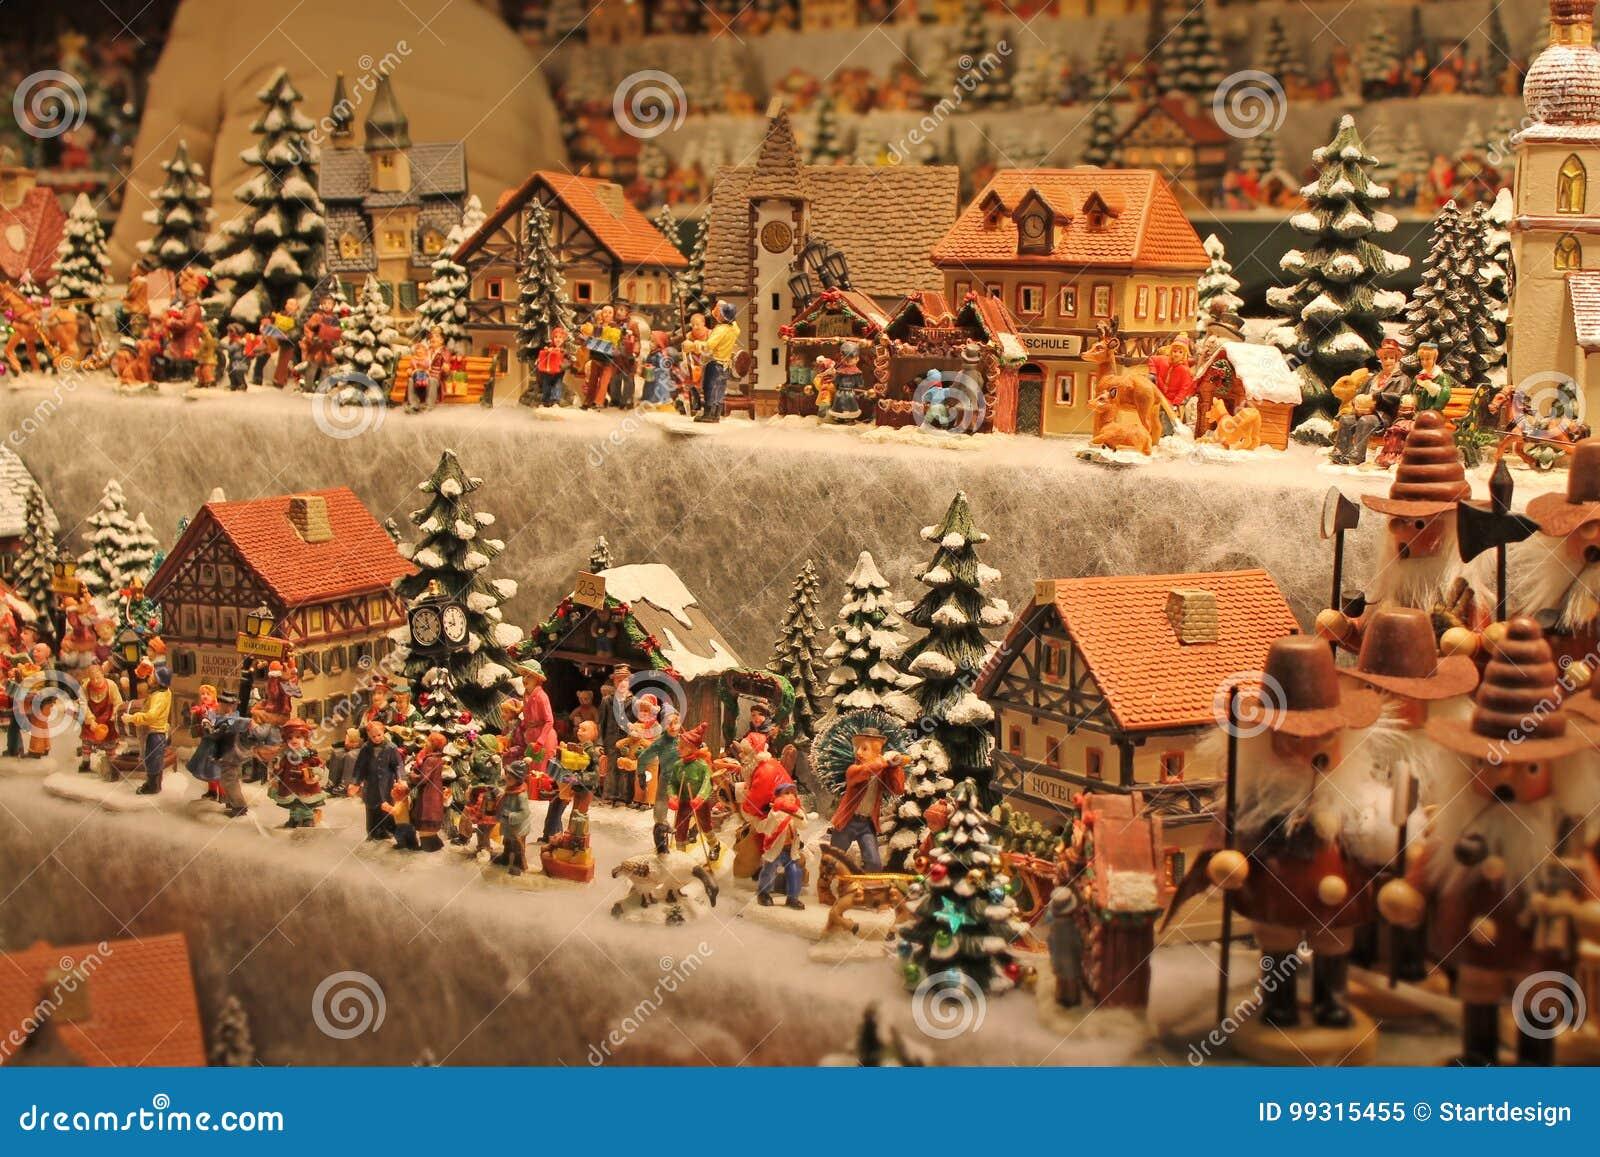 Village De Noel Miniature A Vendre Christmas Decoration For Sale On Advent Market. Stock Image